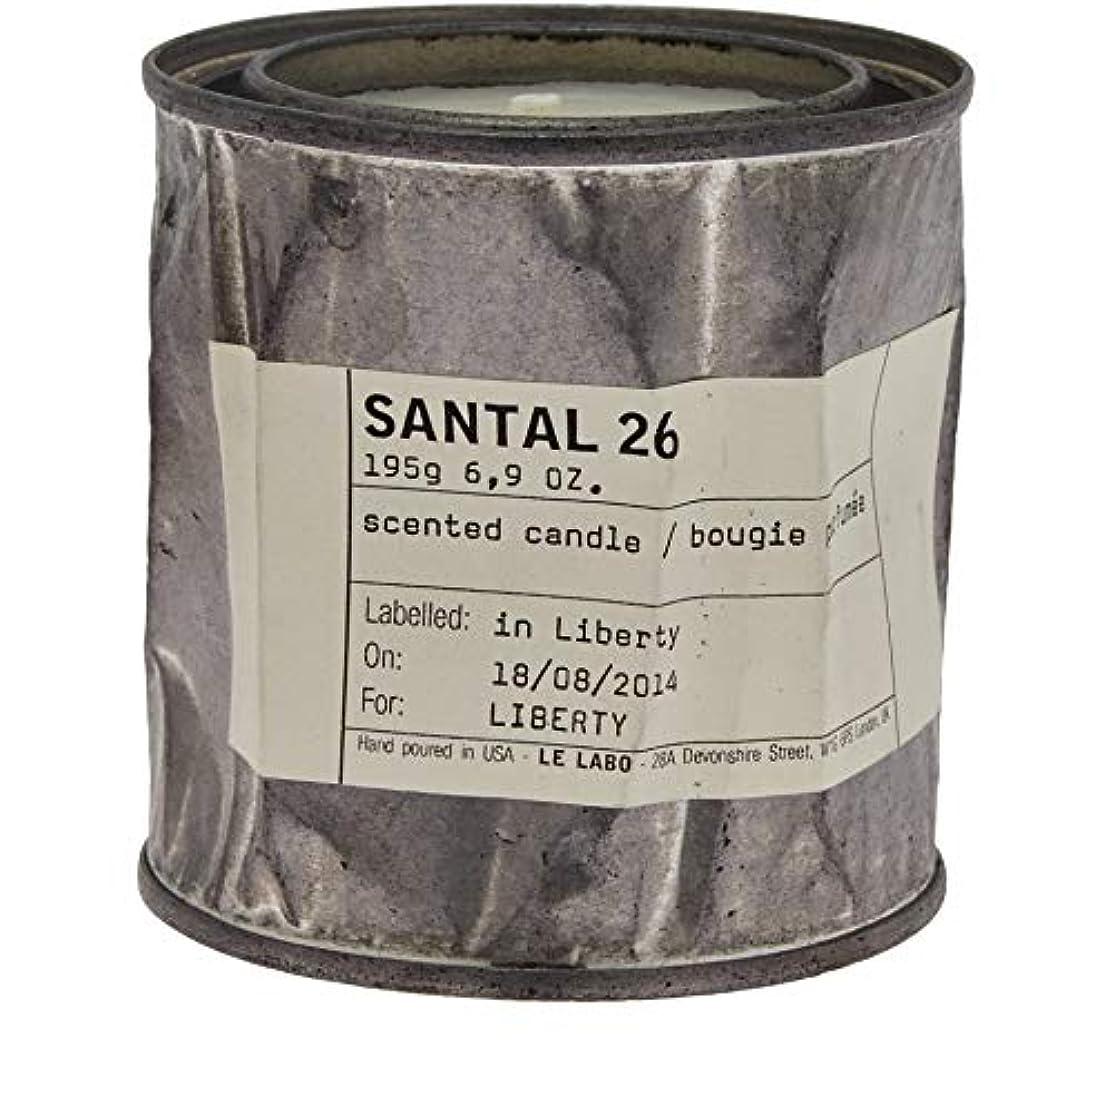 定期的に受益者修正[Le Labo ] ルラボサンタル26ヴィンテージキャンドル - Le Labo Santal 26 Vintage Candle [並行輸入品]